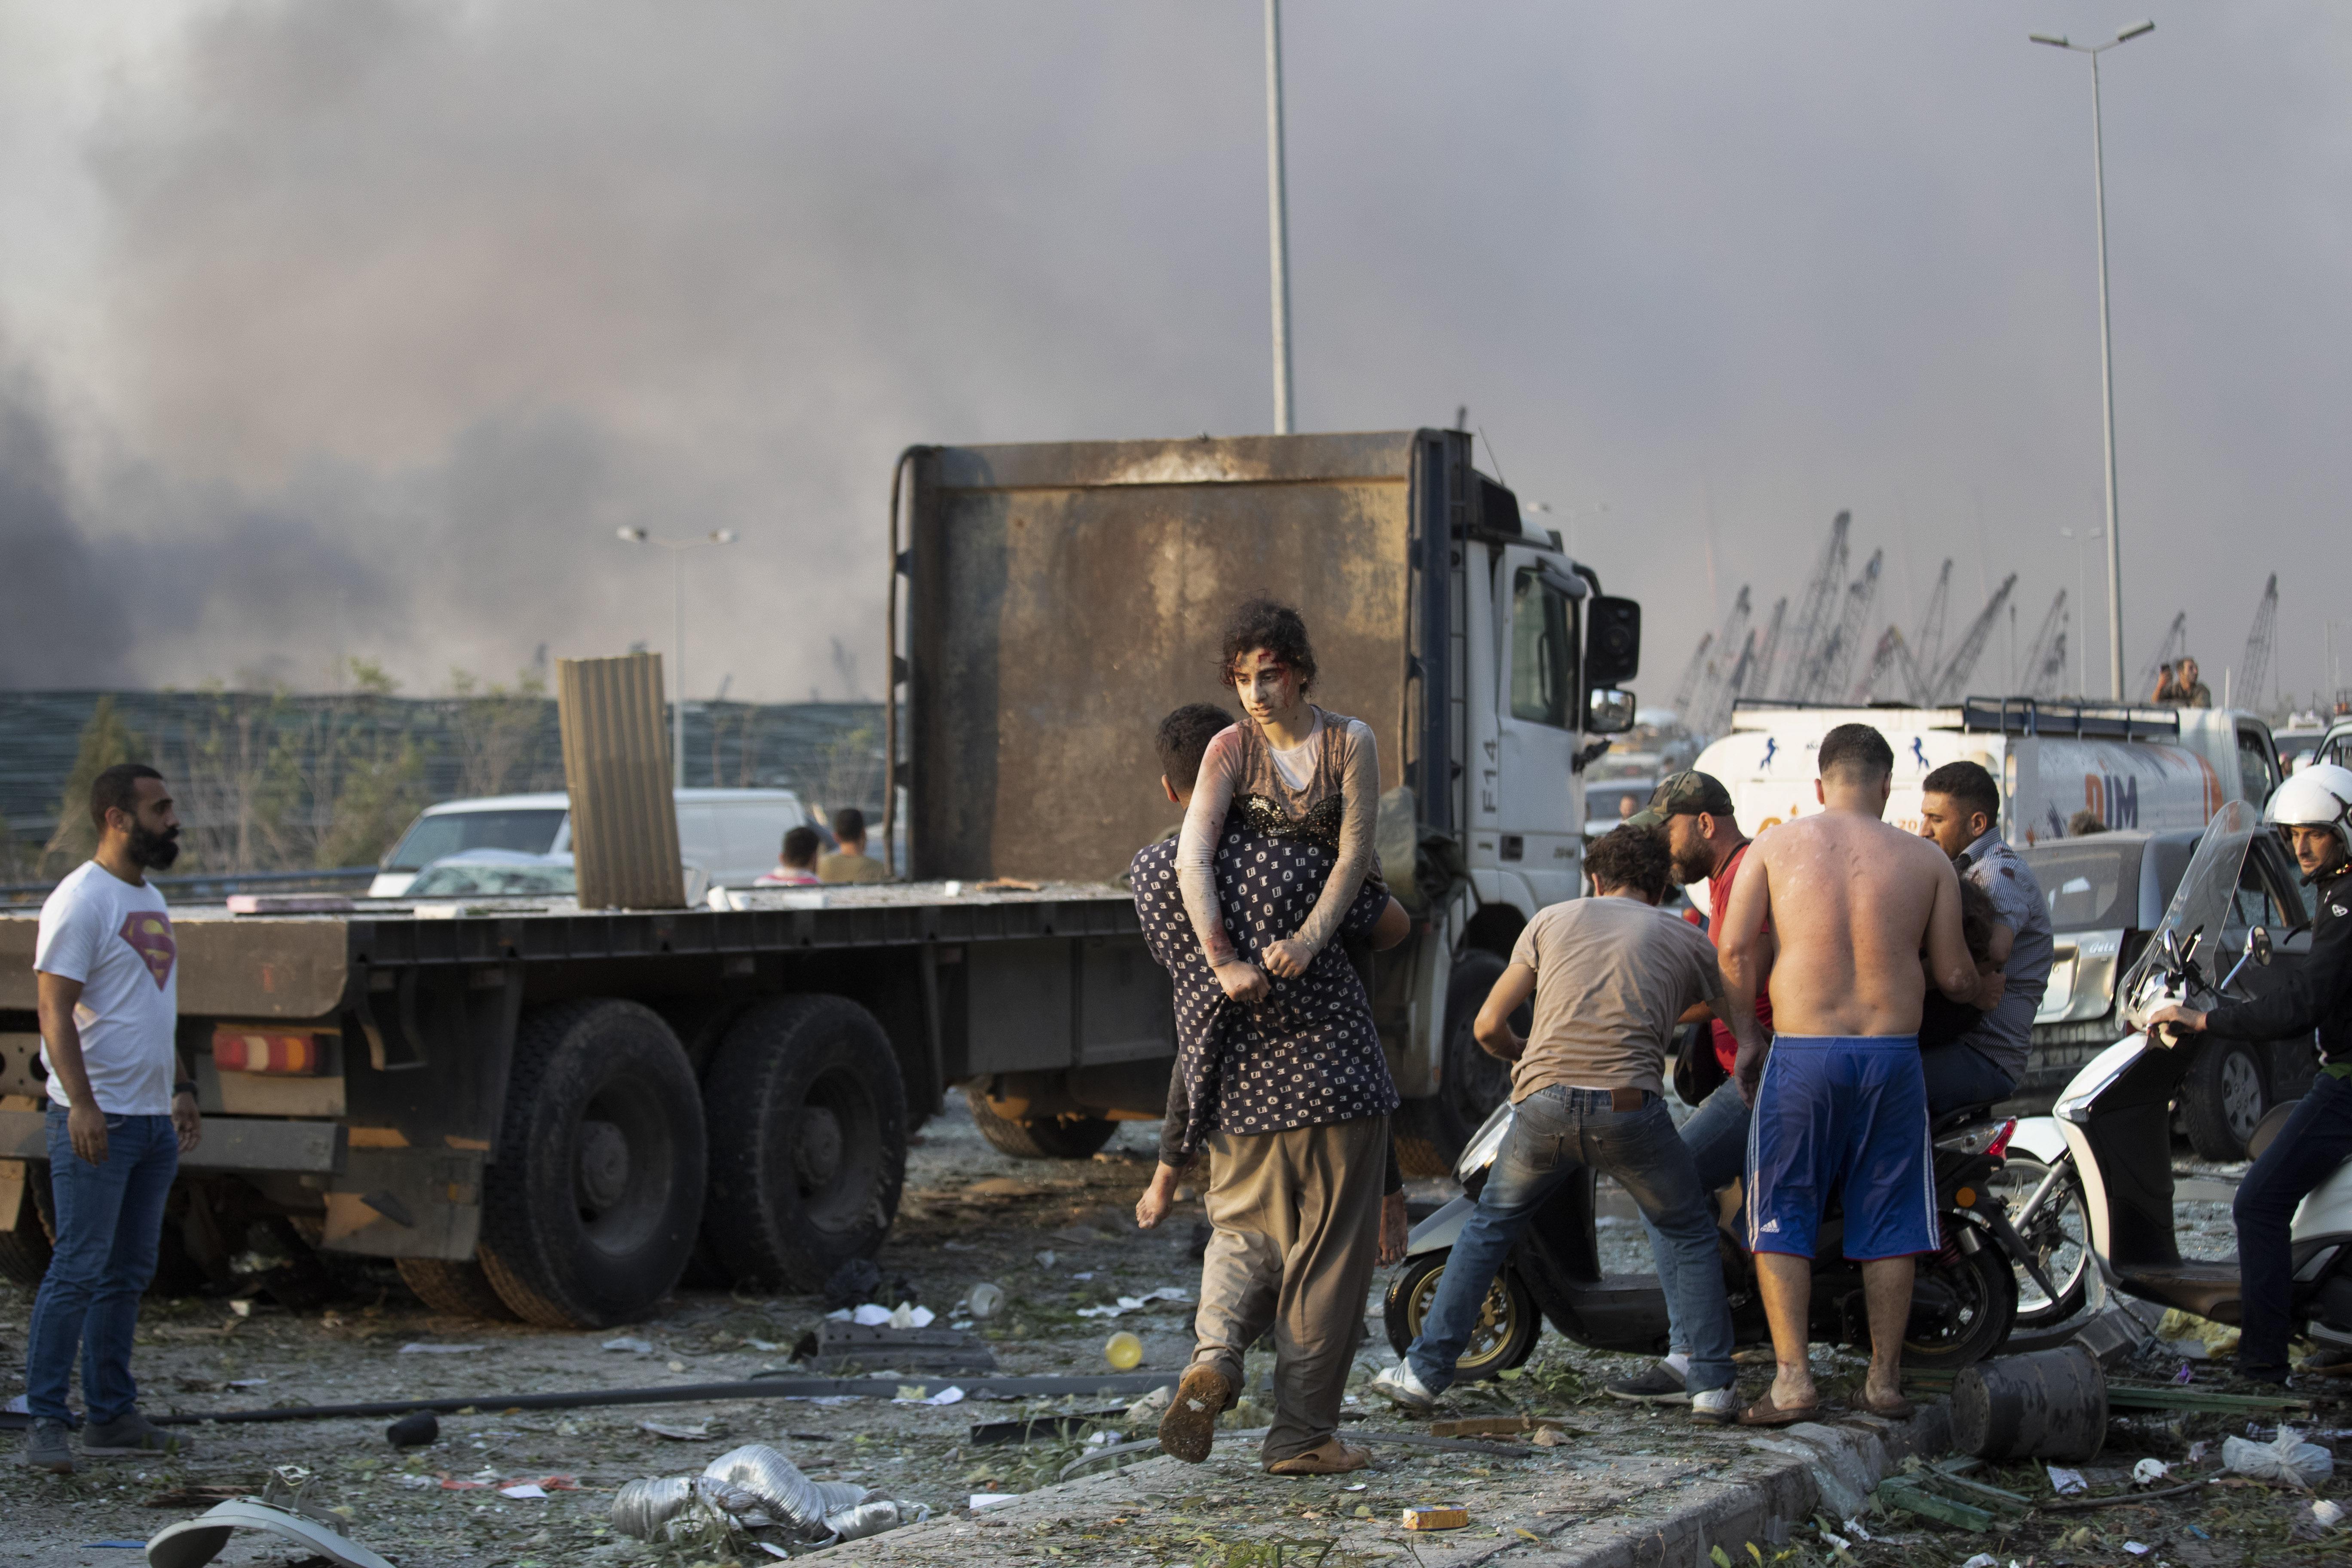 استنفار عام للجميع أطلقه الصليب الأحمر اللبناني